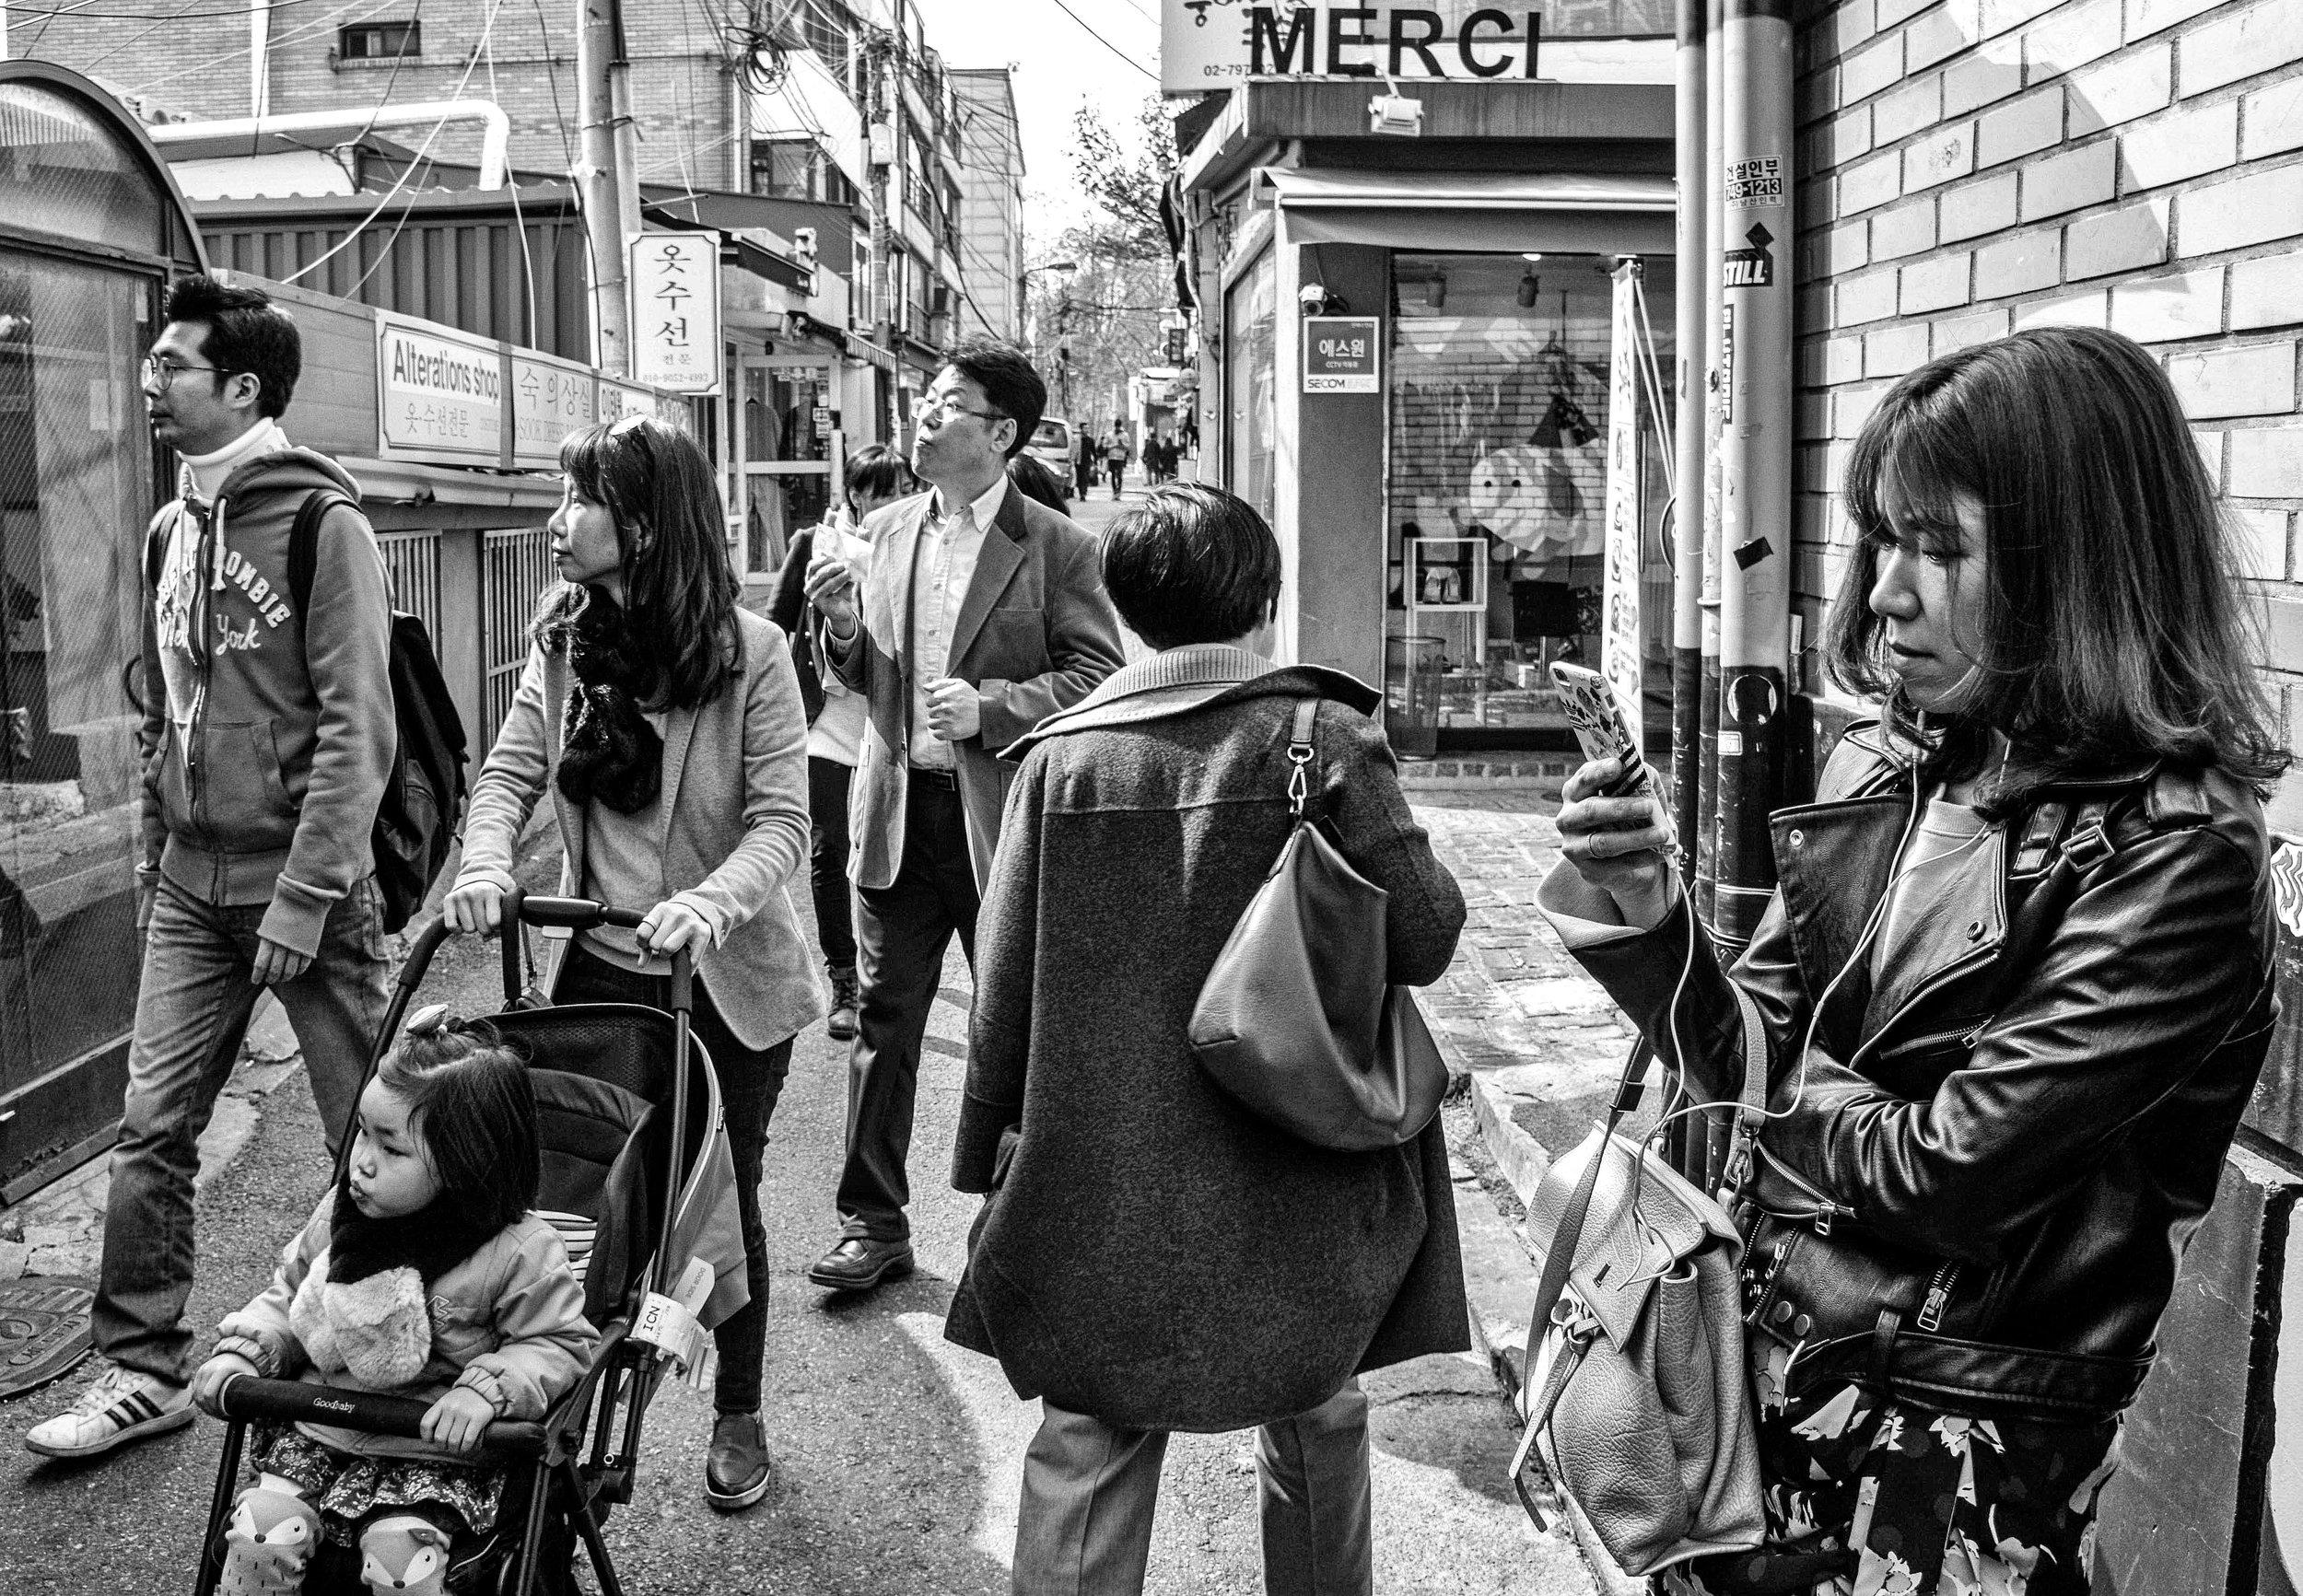 Itaewon - backstreet #4 - re-edit.JPG